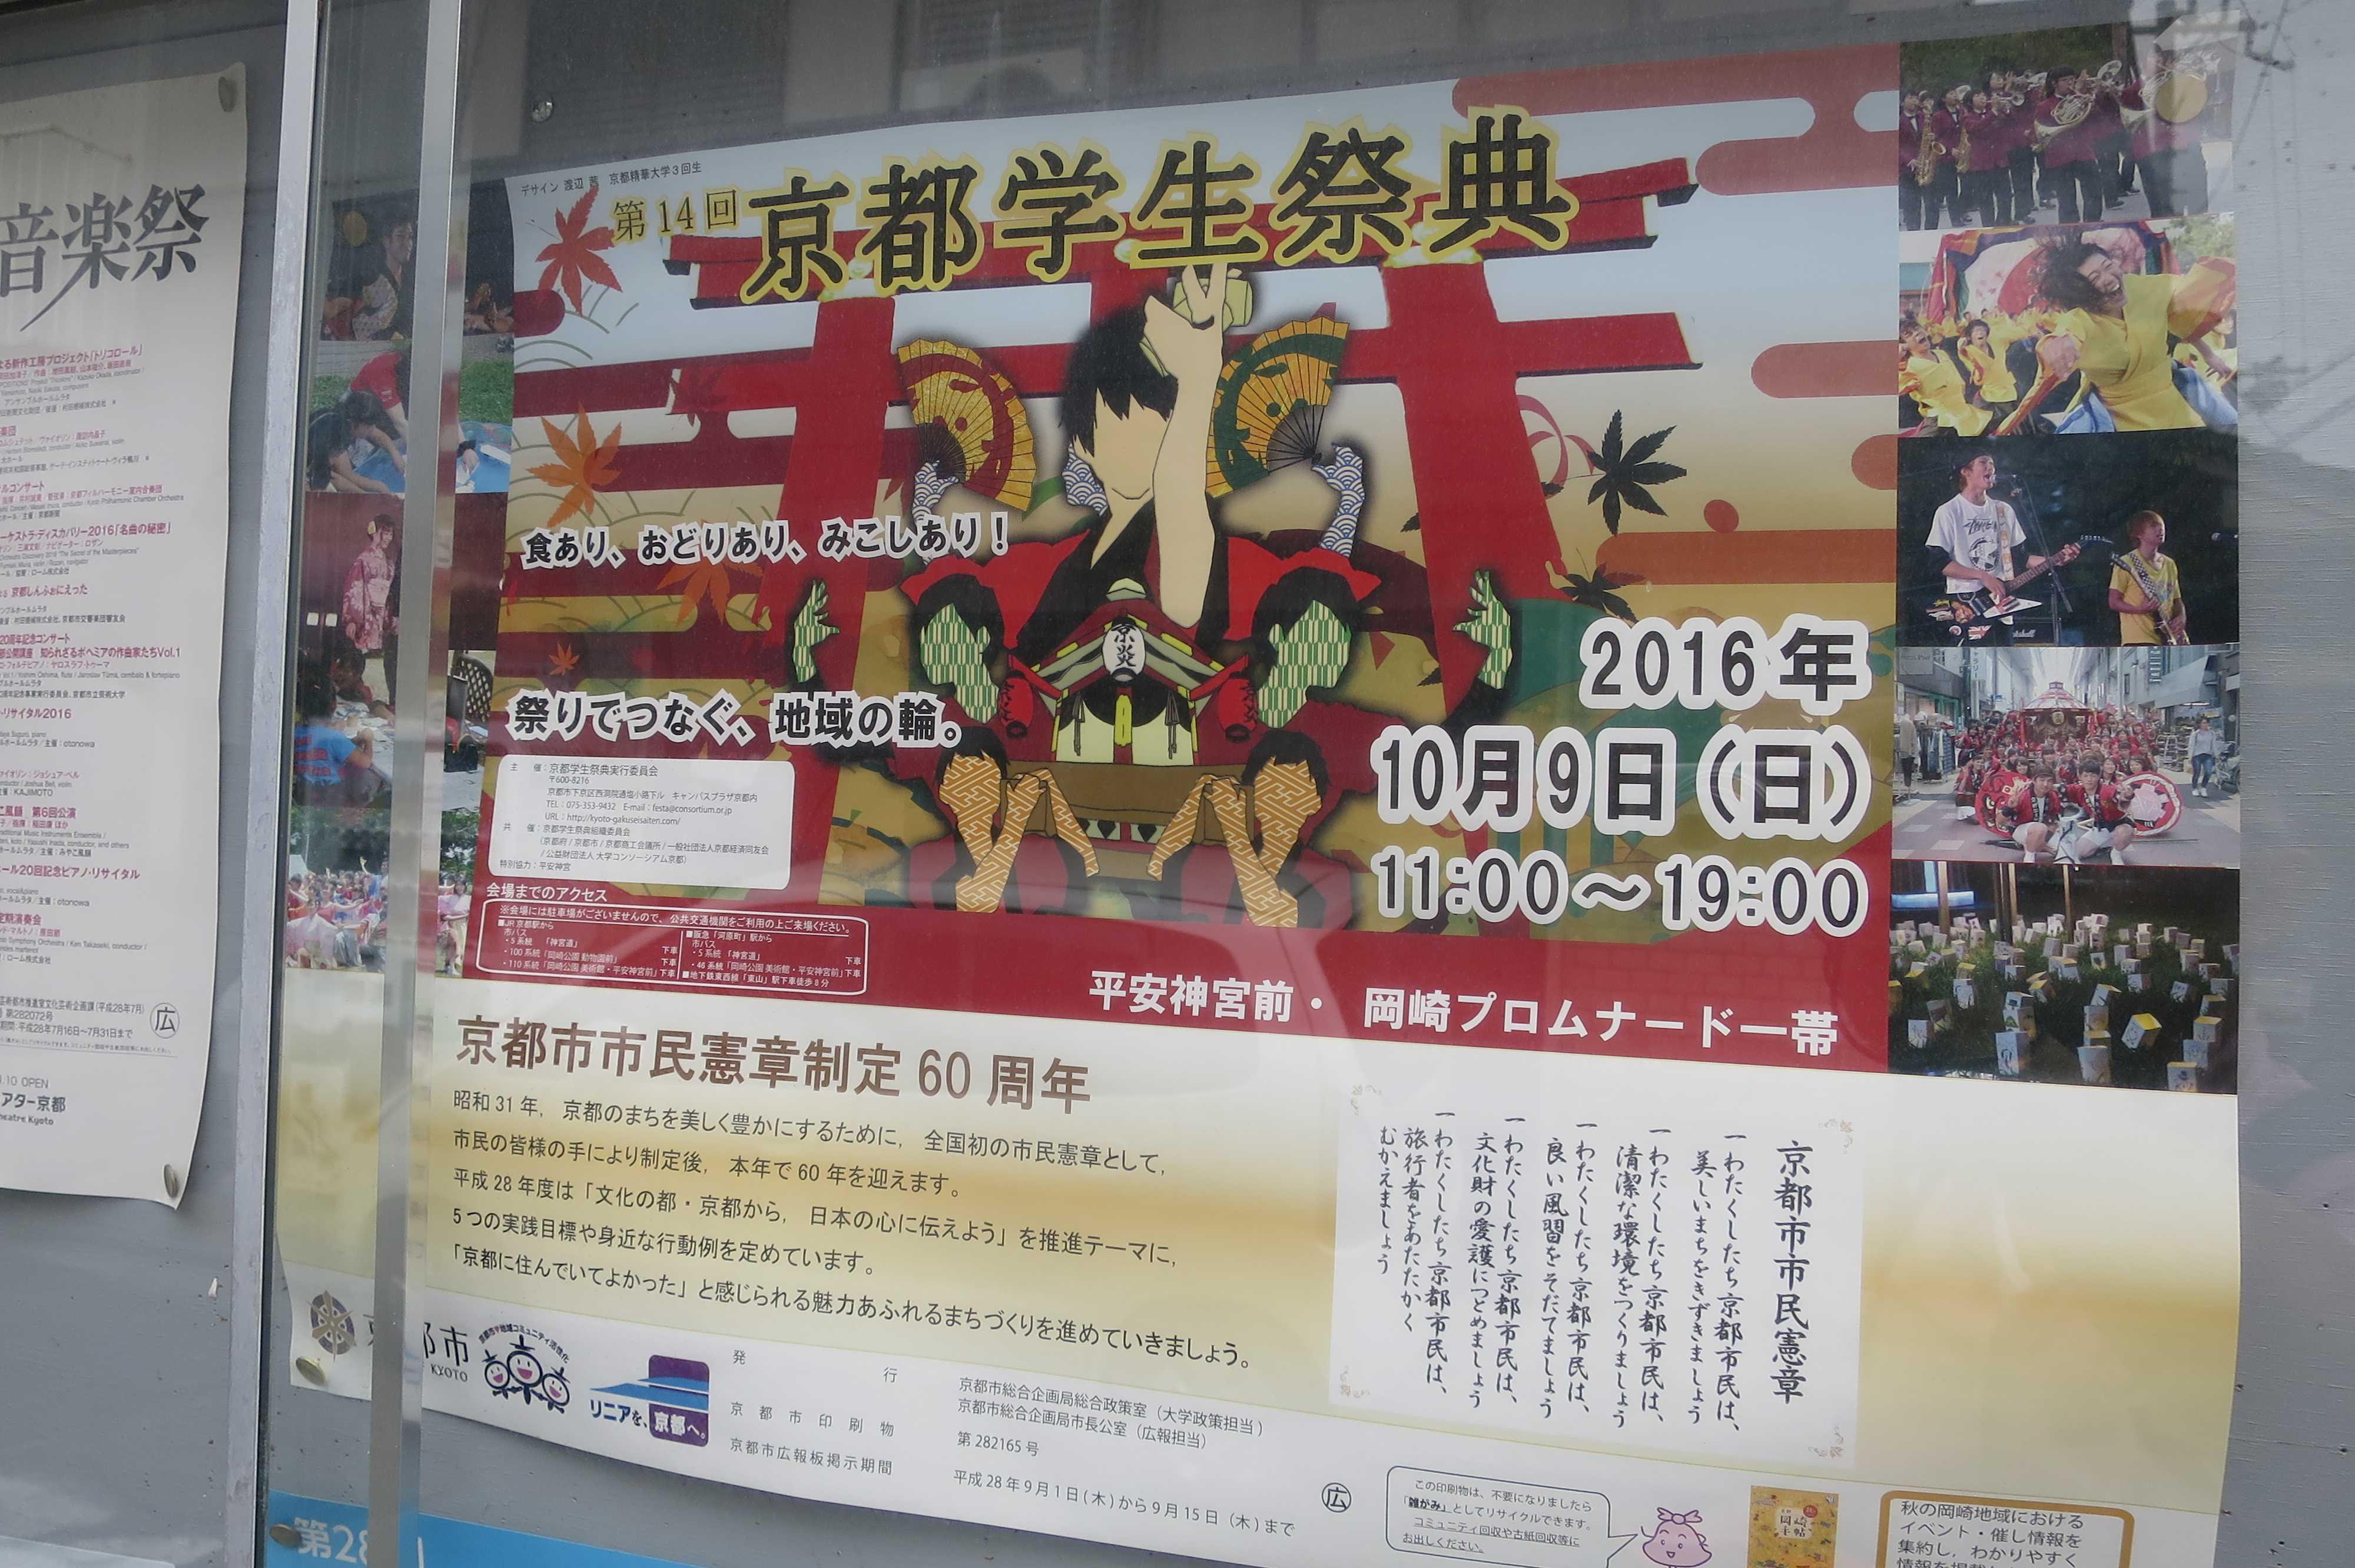 第14回京都学生祭典のポスター